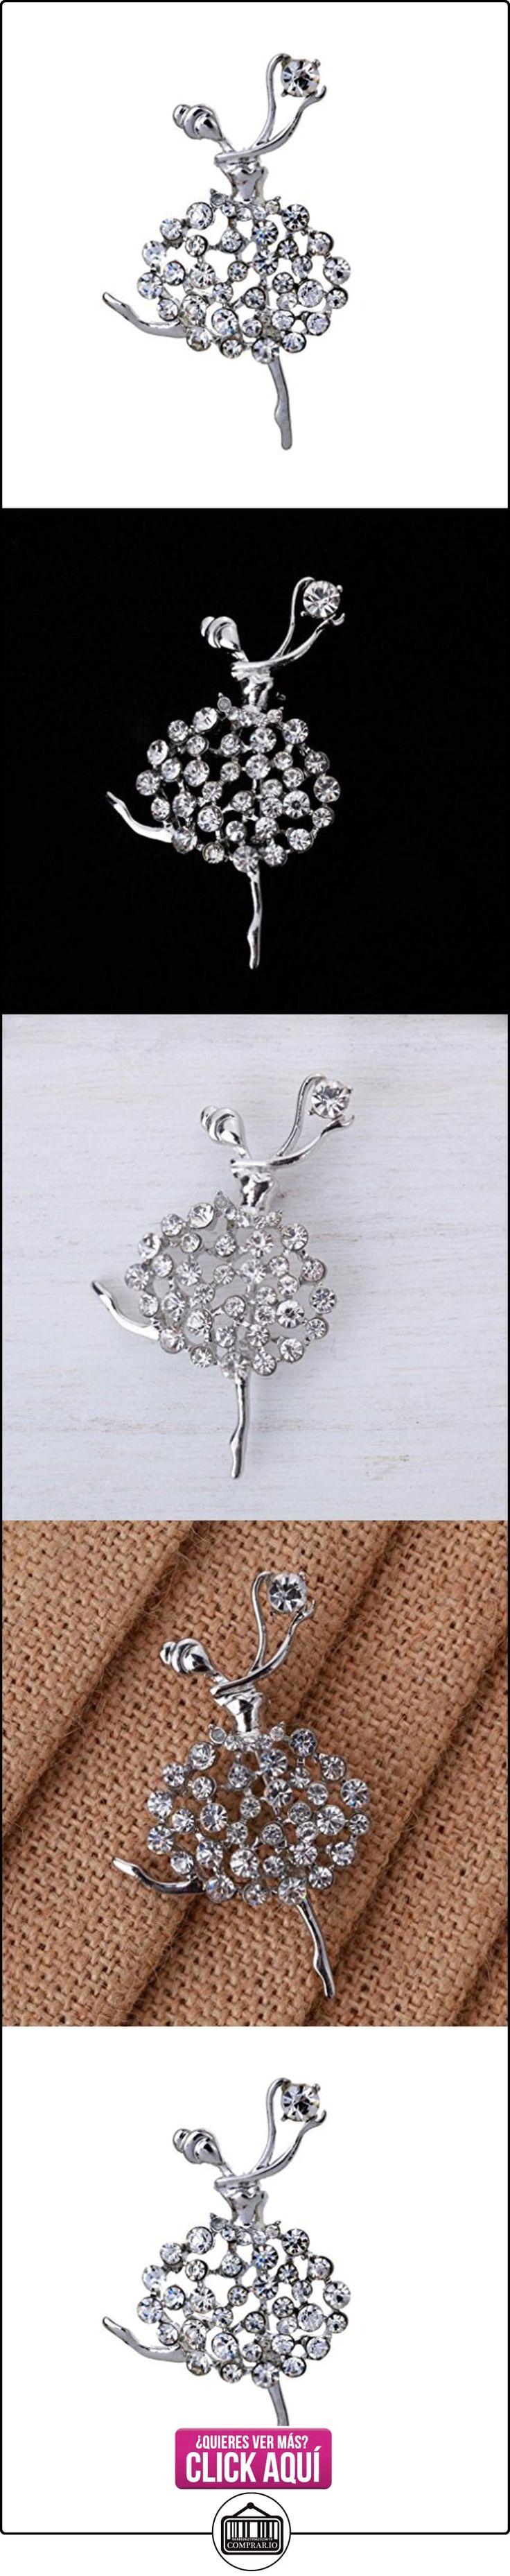 Yazilind mujeres joyer¨ªa de lujo del hueco del Rhinestone Ballet regalo Pin Broche de plata Jewerly  ✿ Joyas para mujer - Las mejores ofertas ✿ ▬► Ver oferta: https://comprar.io/goto/B00WQNPQVM